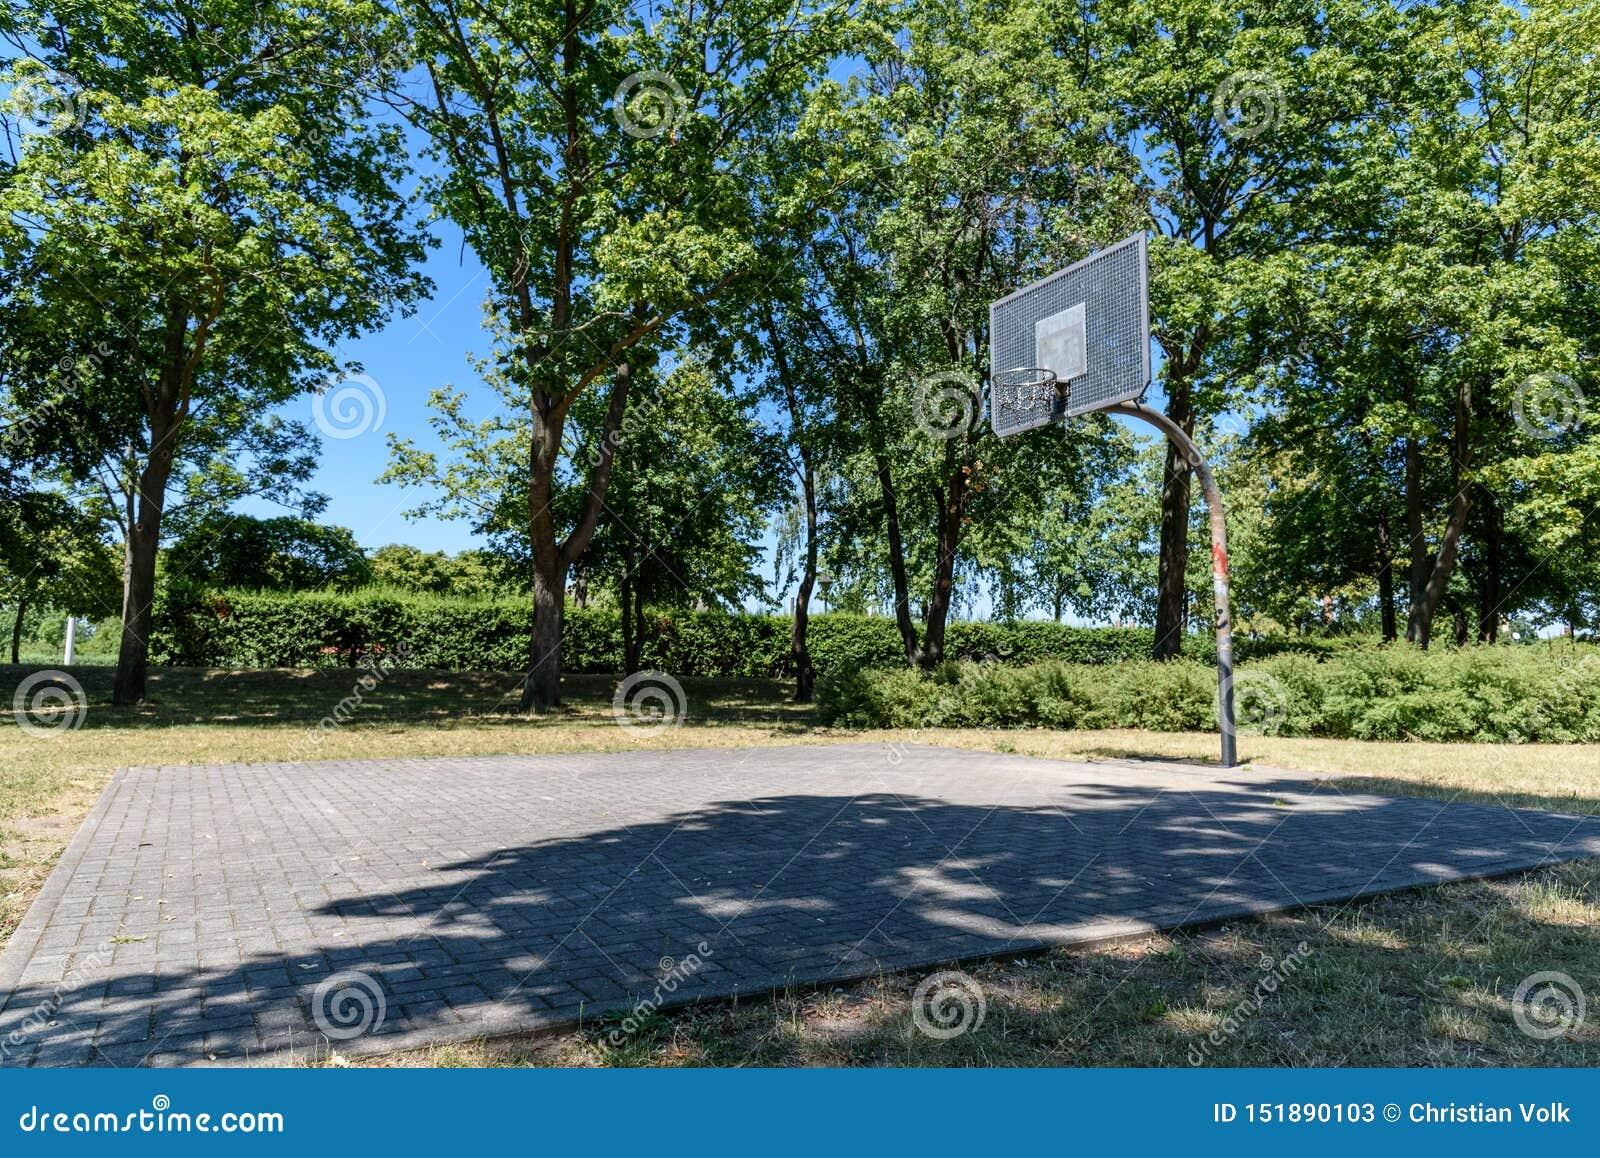 Παλαιό basketballfield σε μια πόλη στην ανατολική Γερμανία